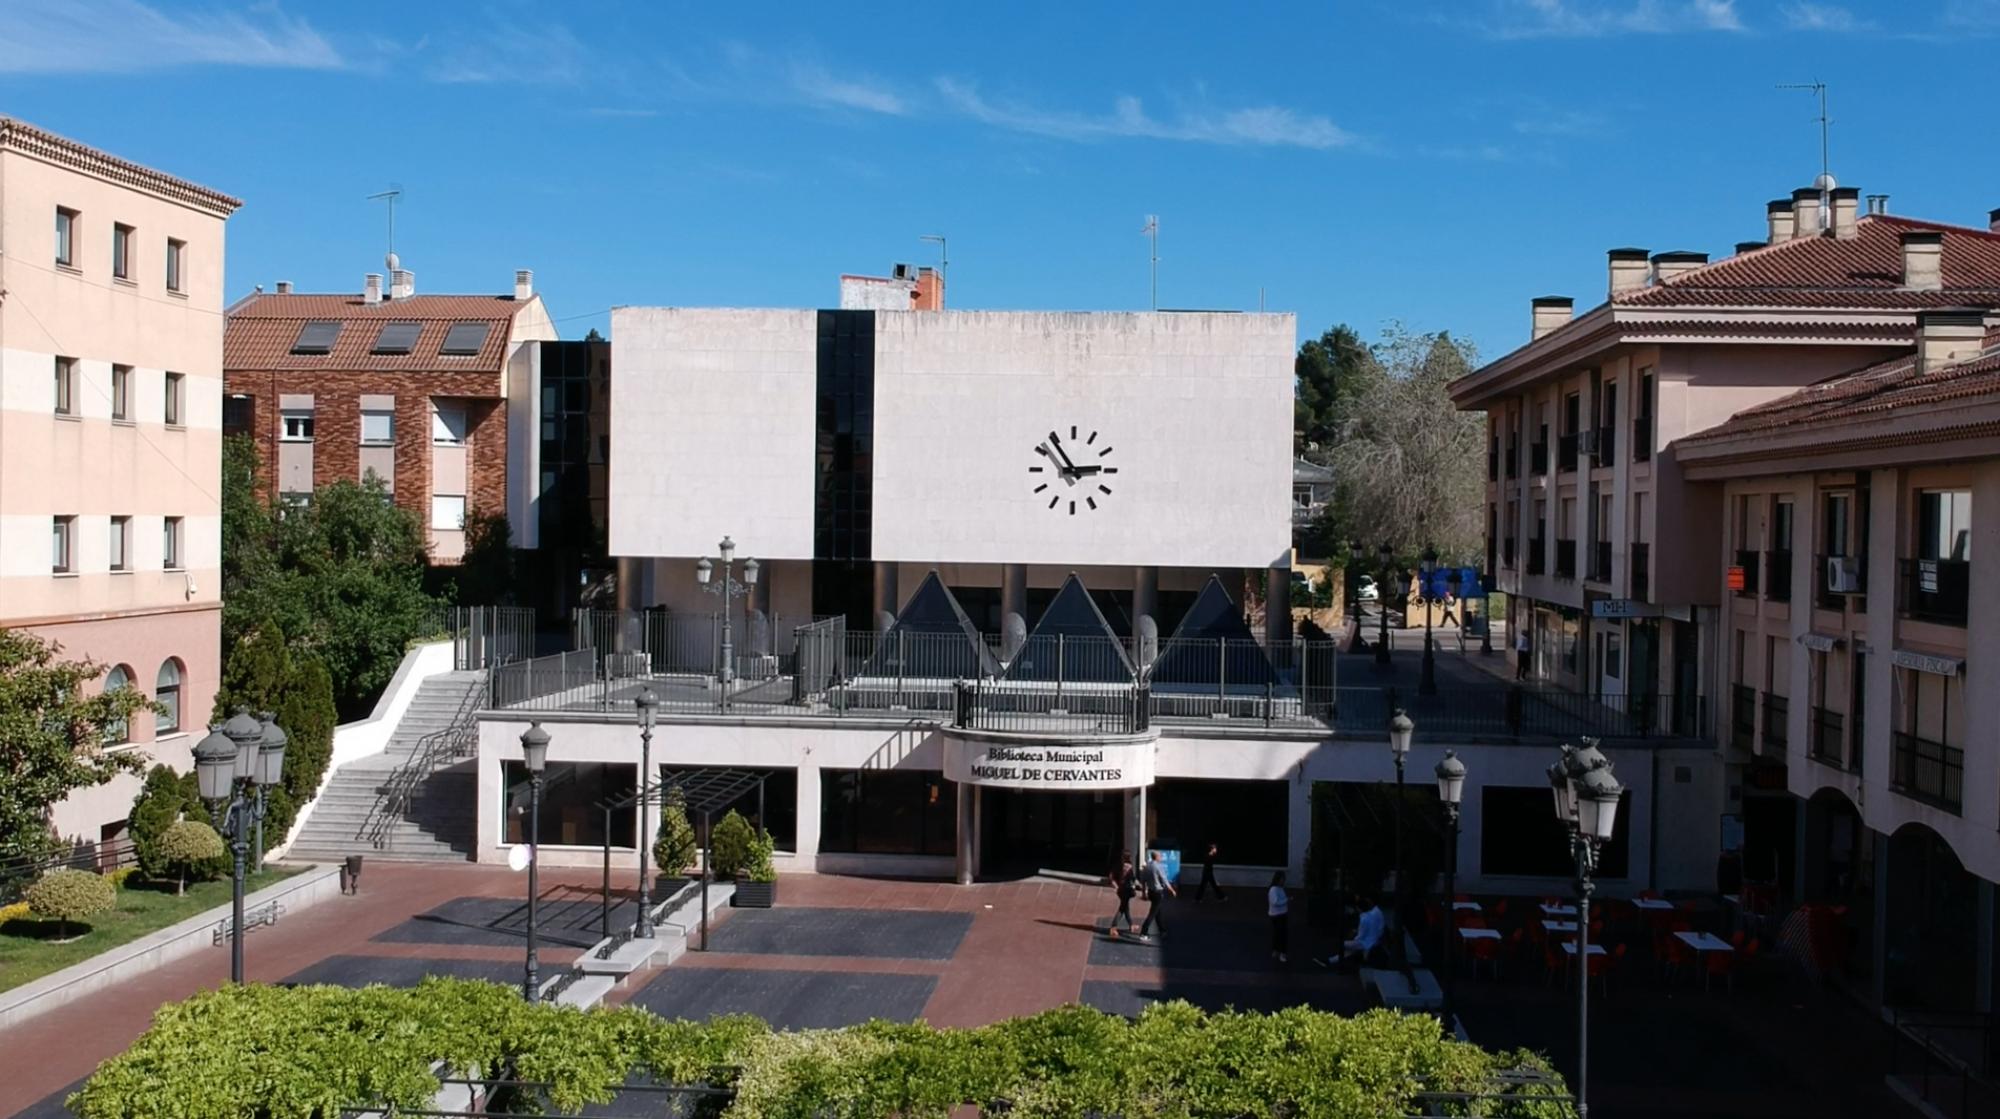 Horarios especiales de apertura este mes de agosto en las bibliotecas municipales de Pozuelo de Alarcón